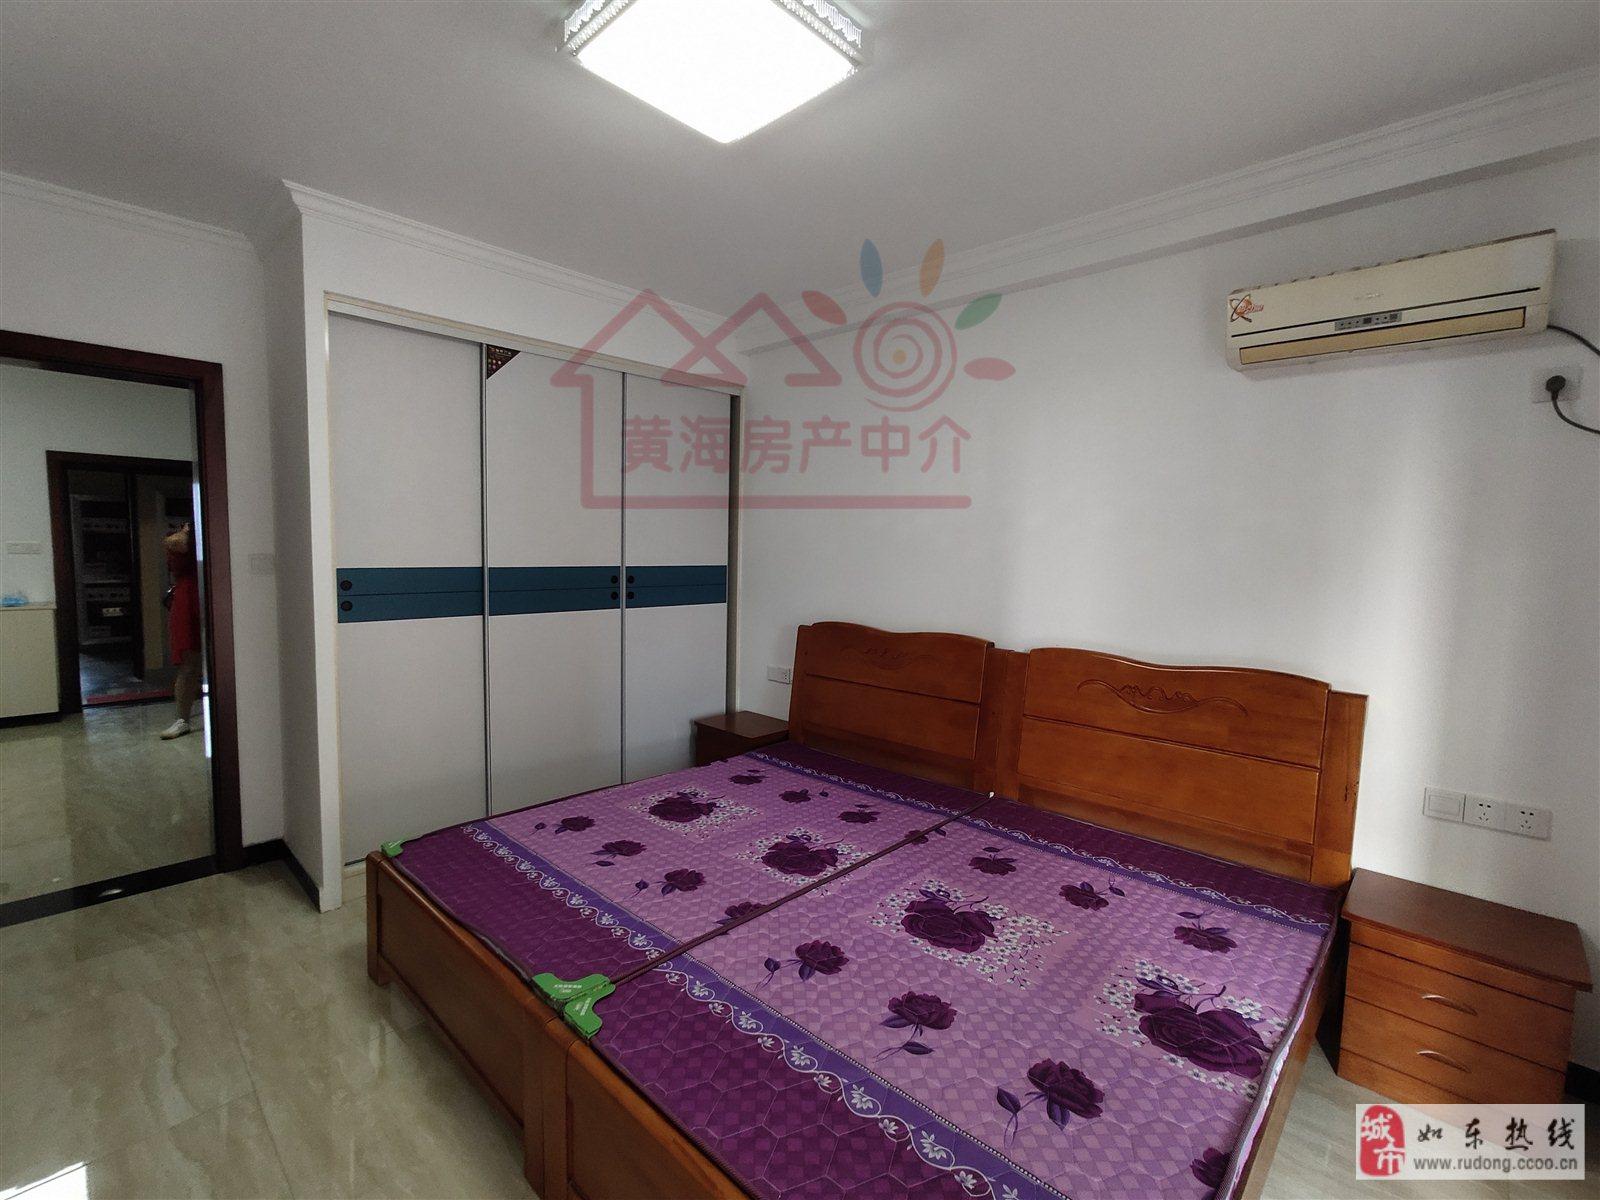 无大税昌和时代56平米1室1厅1卫2个地面附房